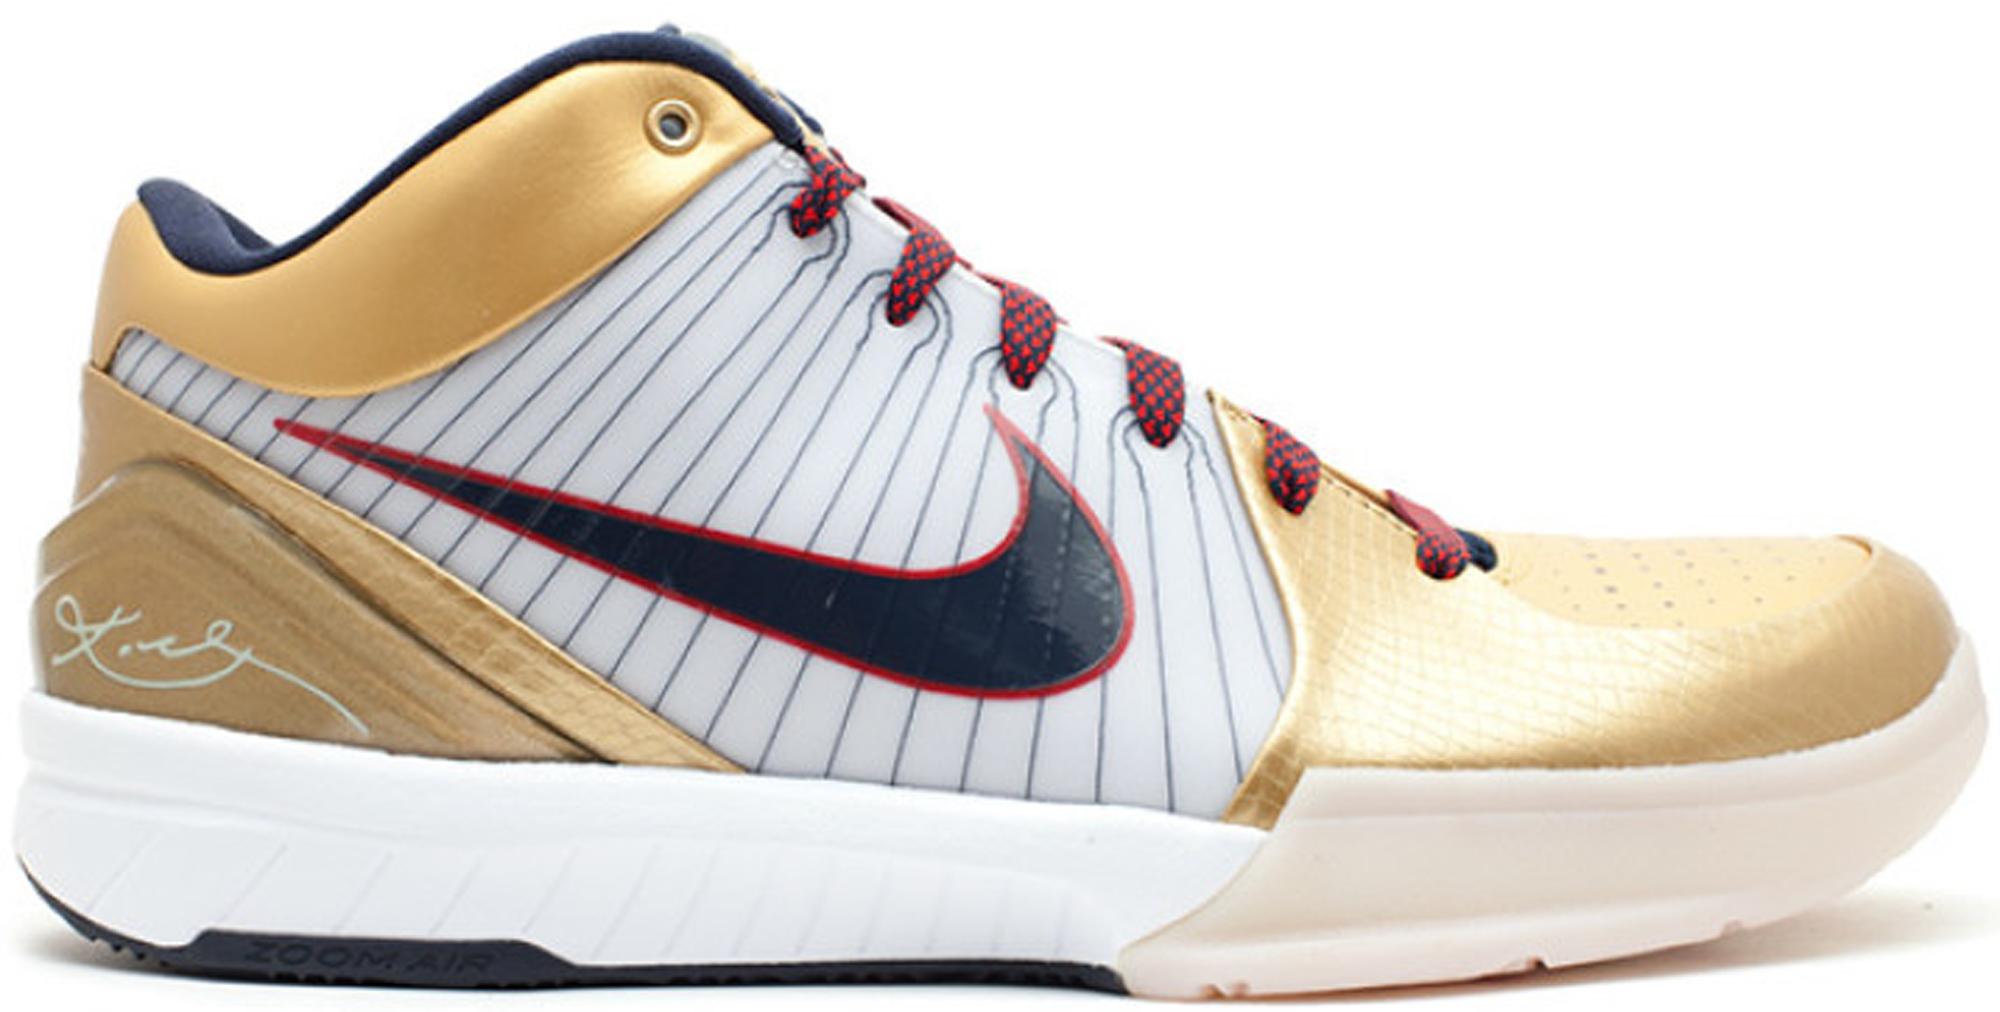 Nike Kobe 4 Gold Medal - 344335-141